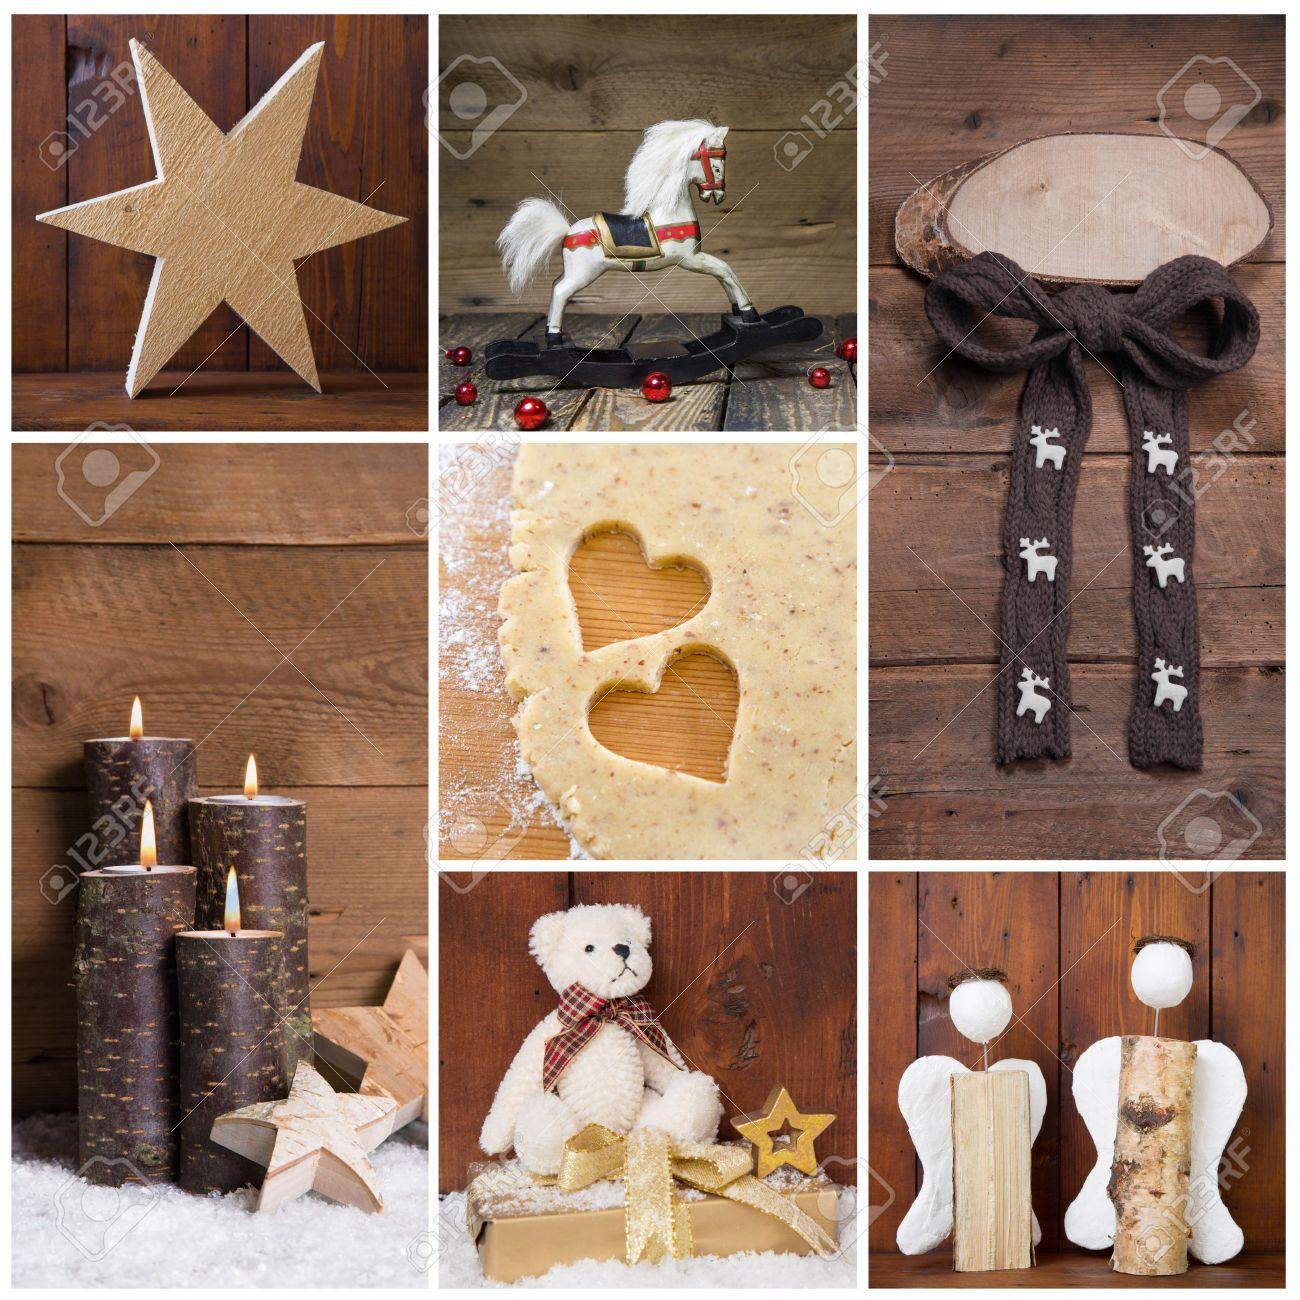 Natürliche Weihnachtsdekoration Mit Holz. Verschiedene Objekte In Einer  Collage. Lizenzfreie Bilder   30558593